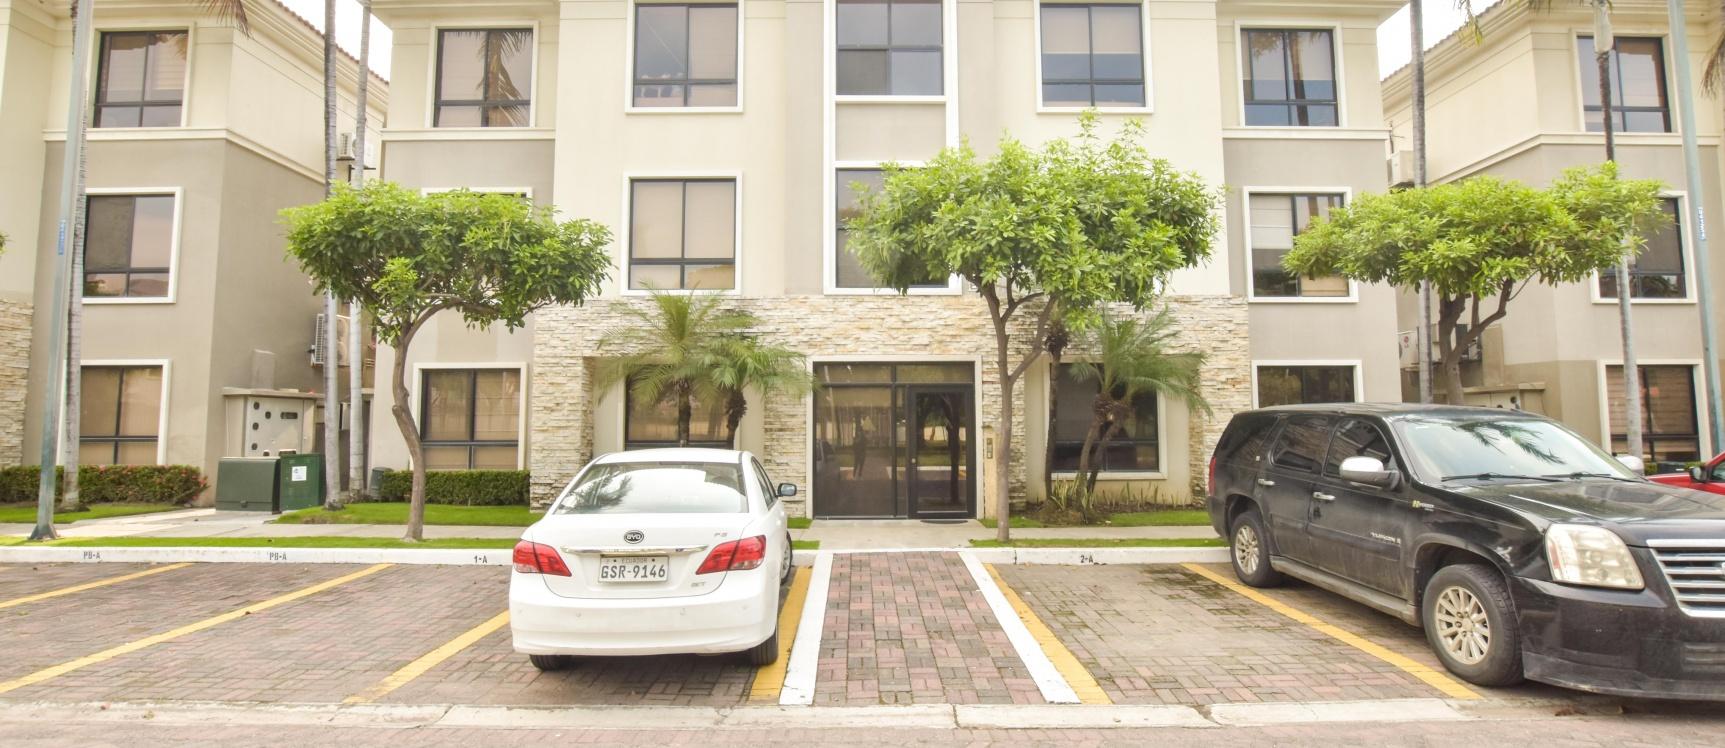 GeoBienes - Departamento en venta urbanización Parque Magno, Samborondón - Plusvalia Guayaquil Casas de venta y alquiler Inmobiliaria Ecuador